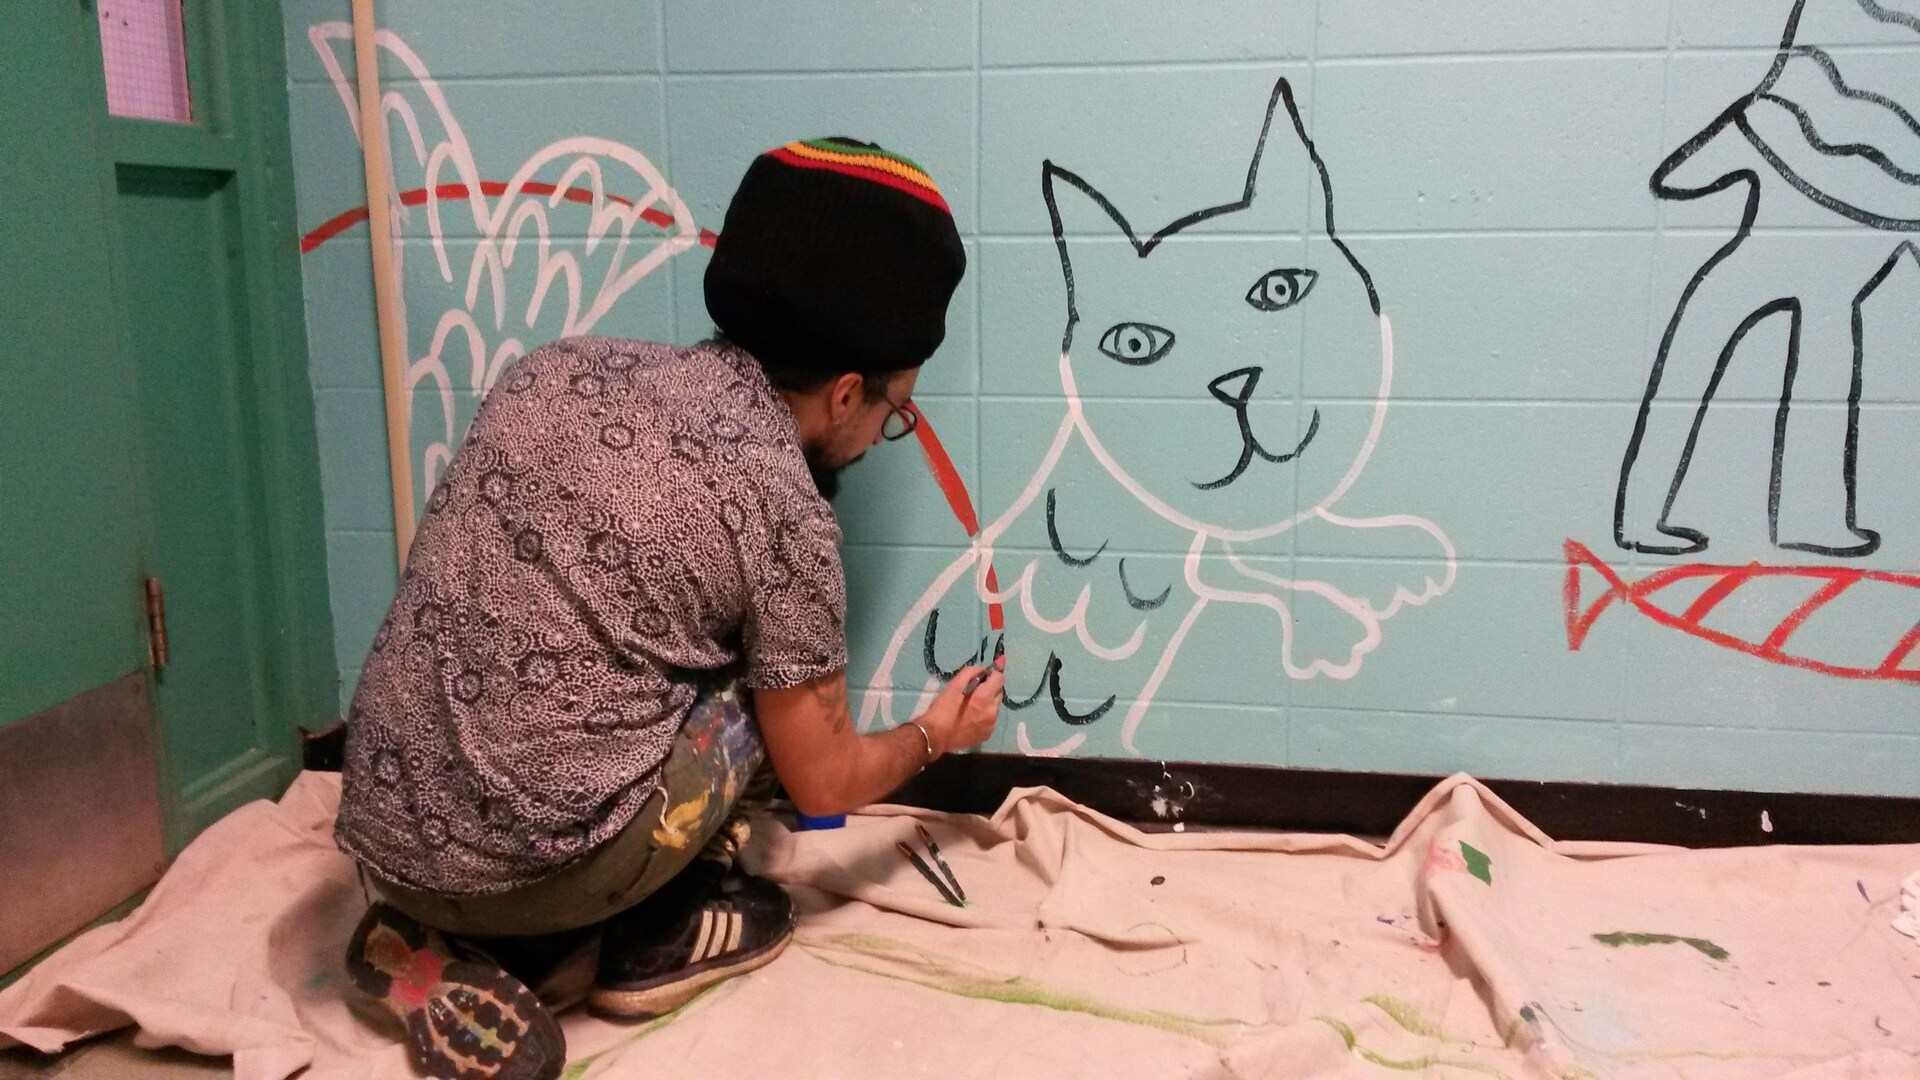 L'artiste Julian Palma, de l'organisme MU trace un dessin au pinceau sur le mur d'une école pendant un atelier de création de murale en milieu scolaire.